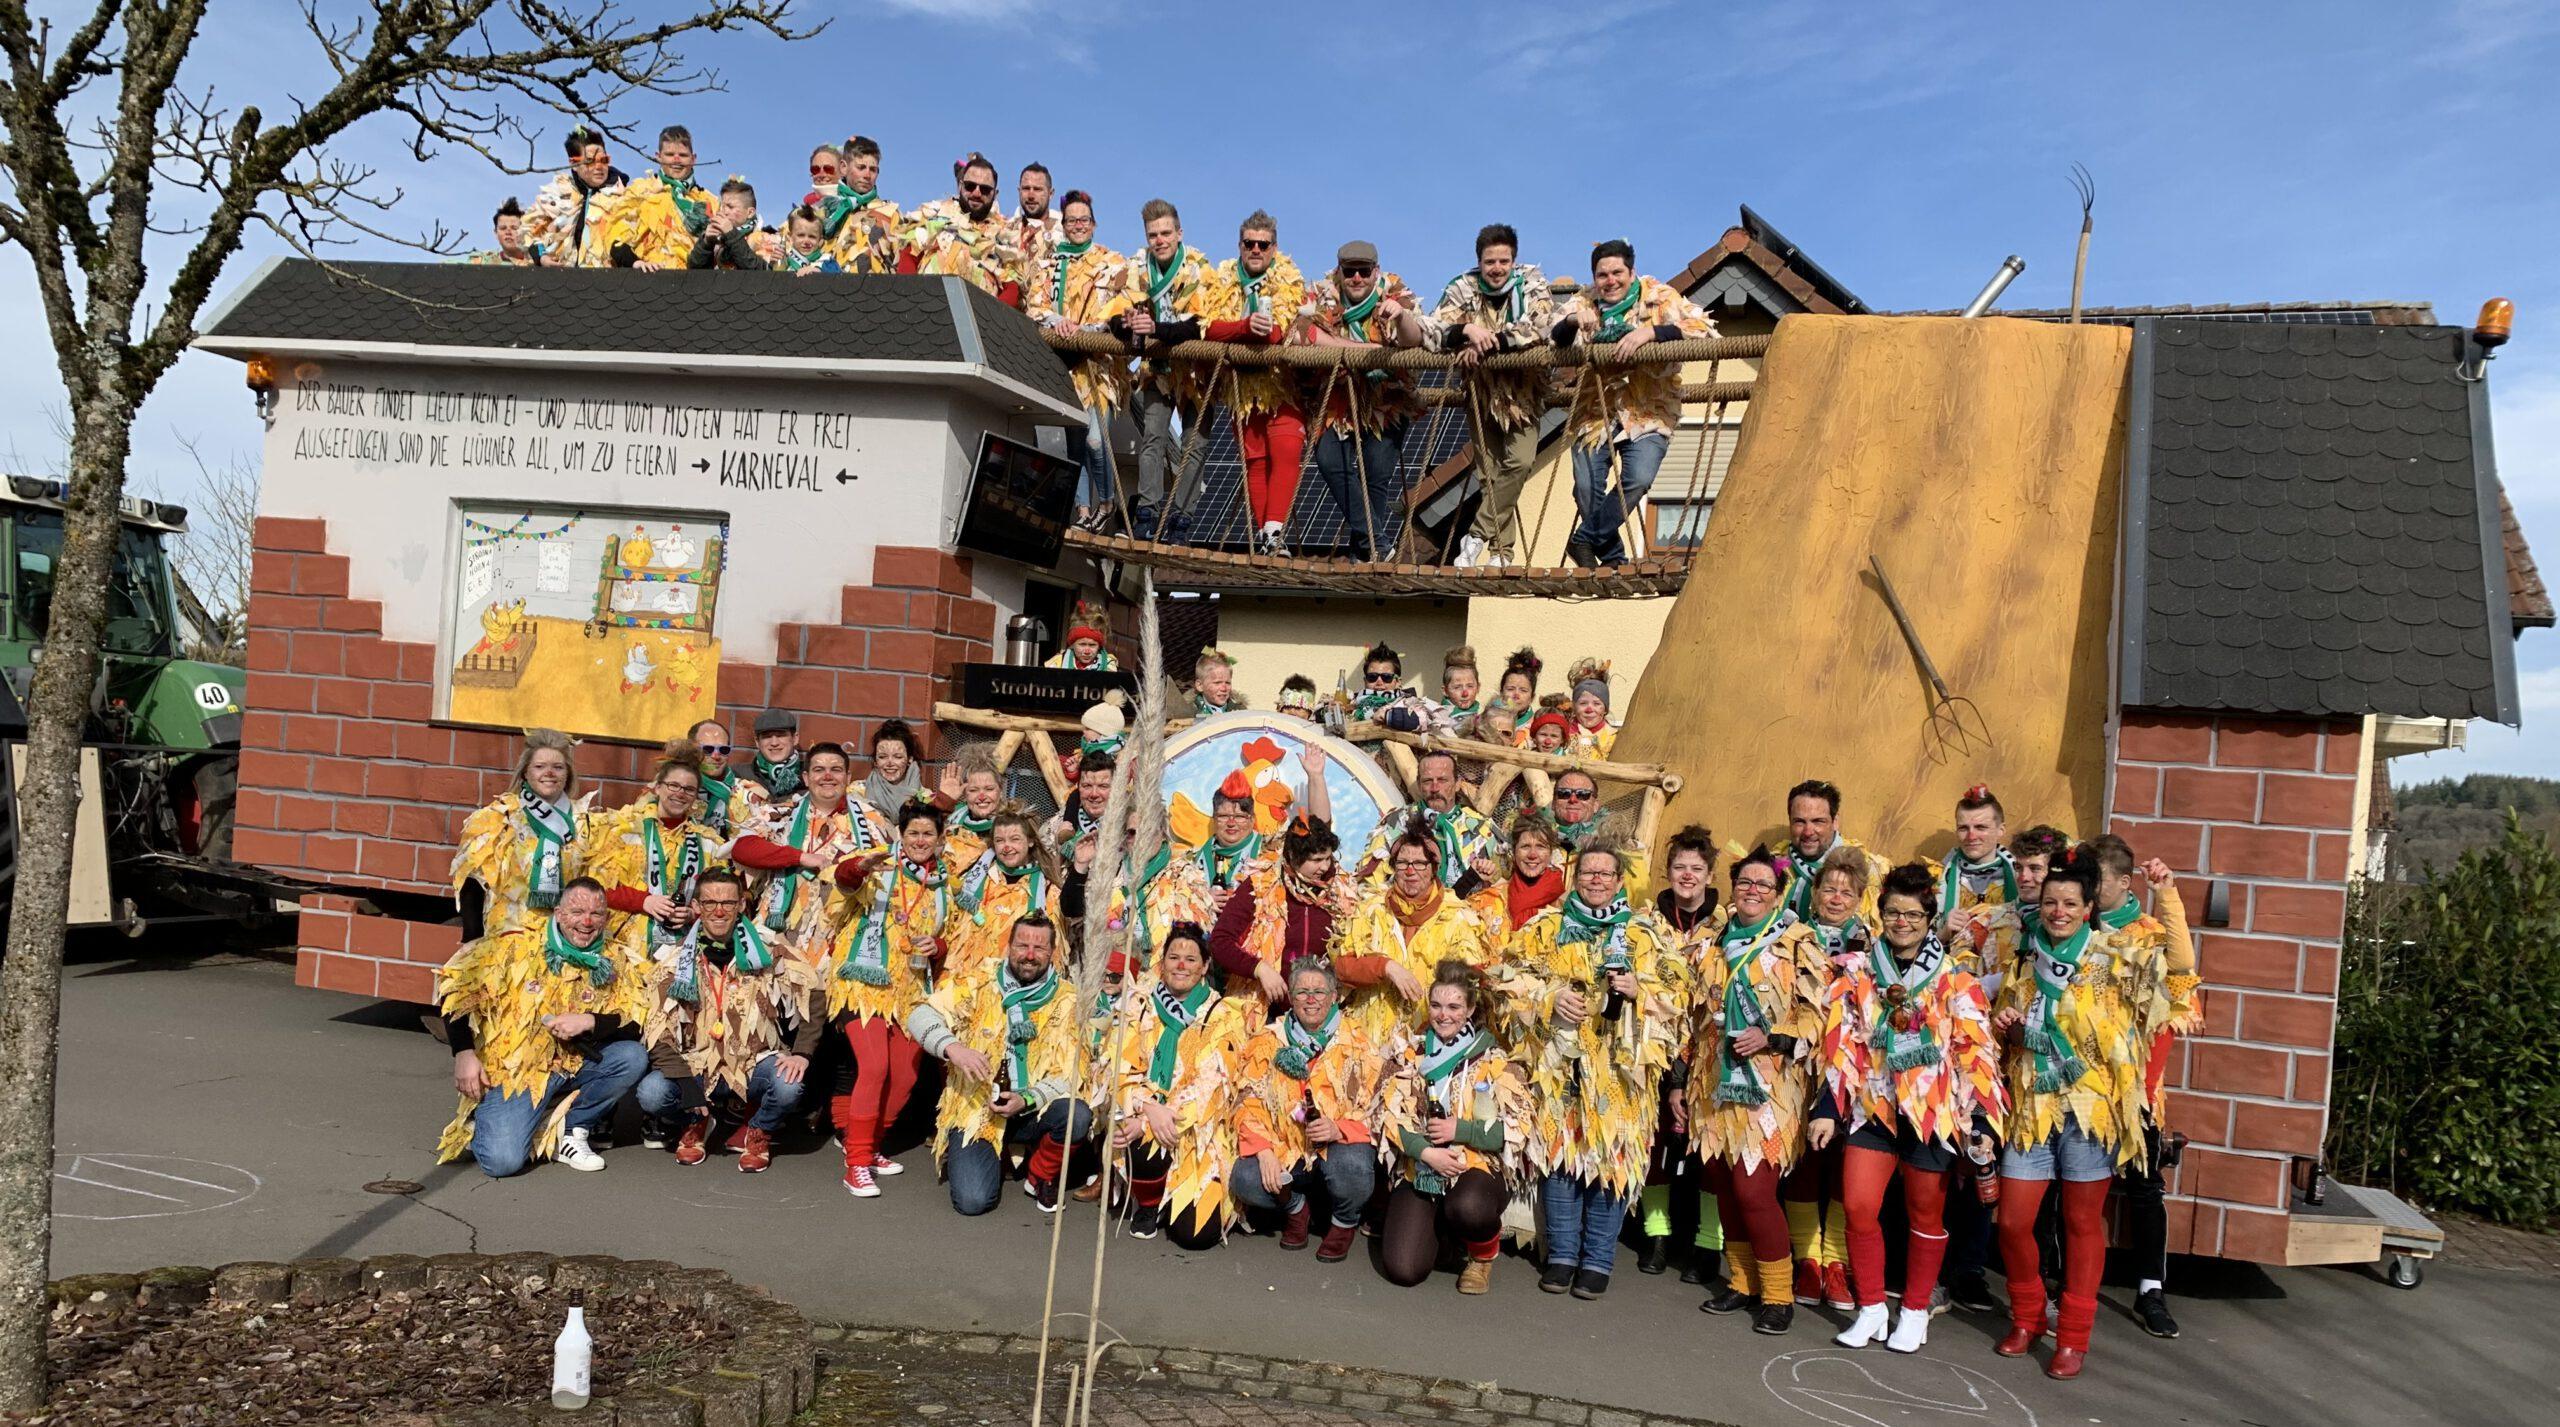 Bei den Karnevalsumzügen sind die Strohna Hohna immer zahlreich unterwegs. Foto: Verein